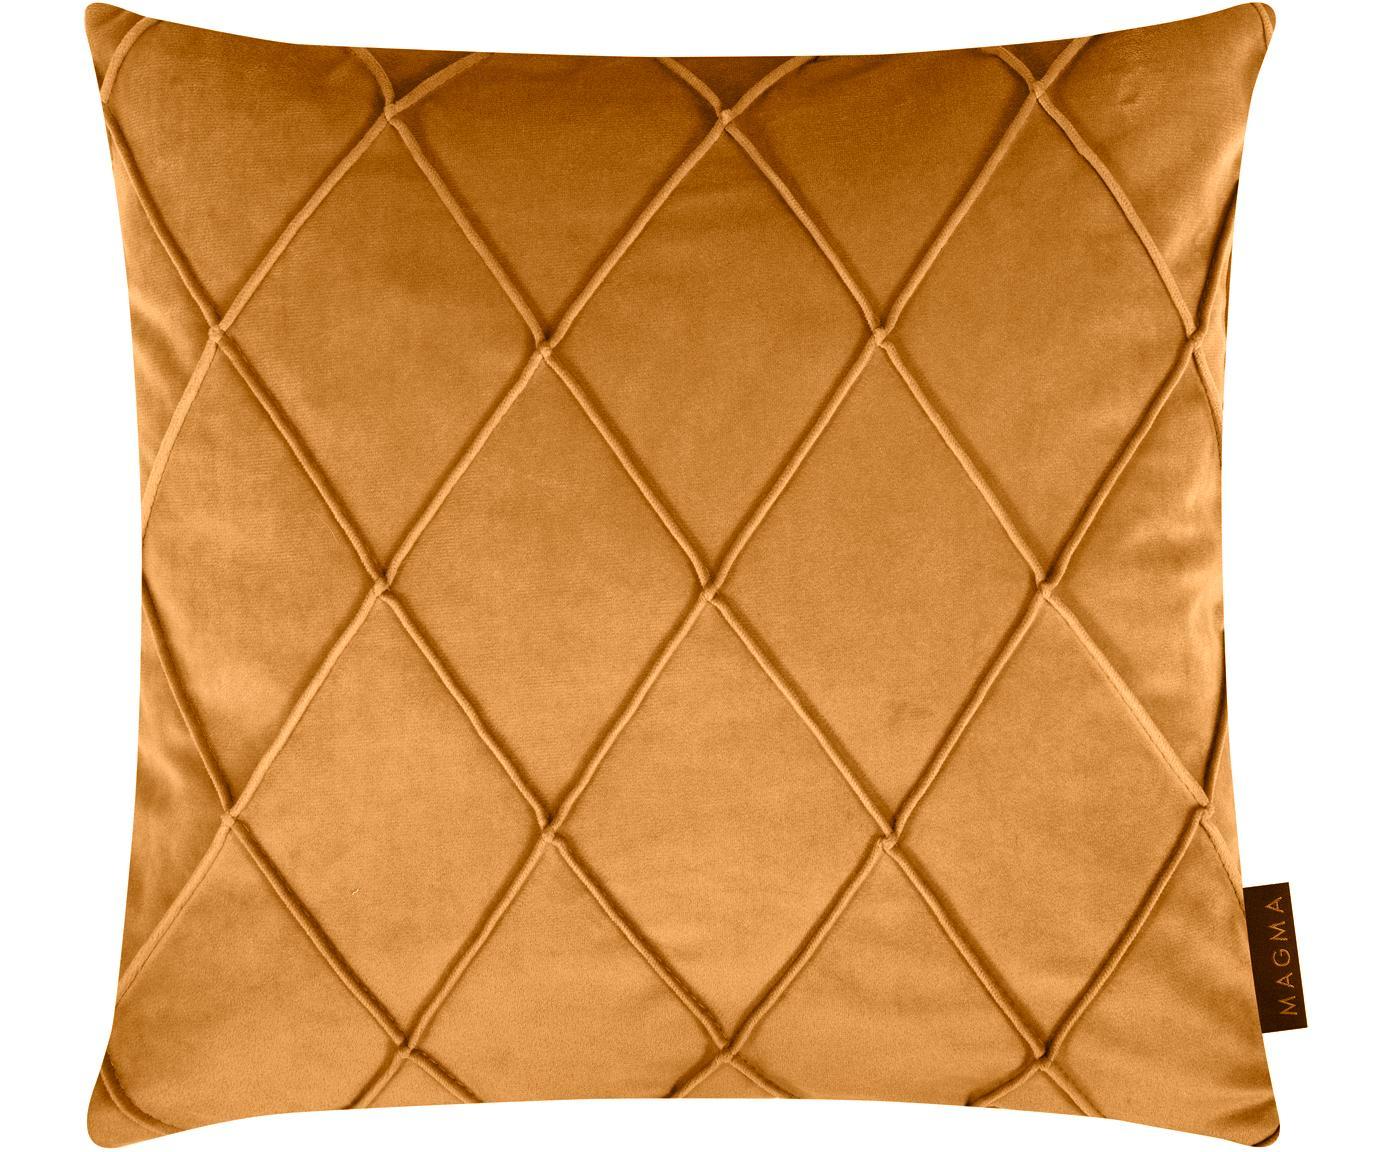 Poszewka na poduszkę z aksamitu Nobless, 100% aksamit poliestrowy, Żółty, S 50 x D 50 cm